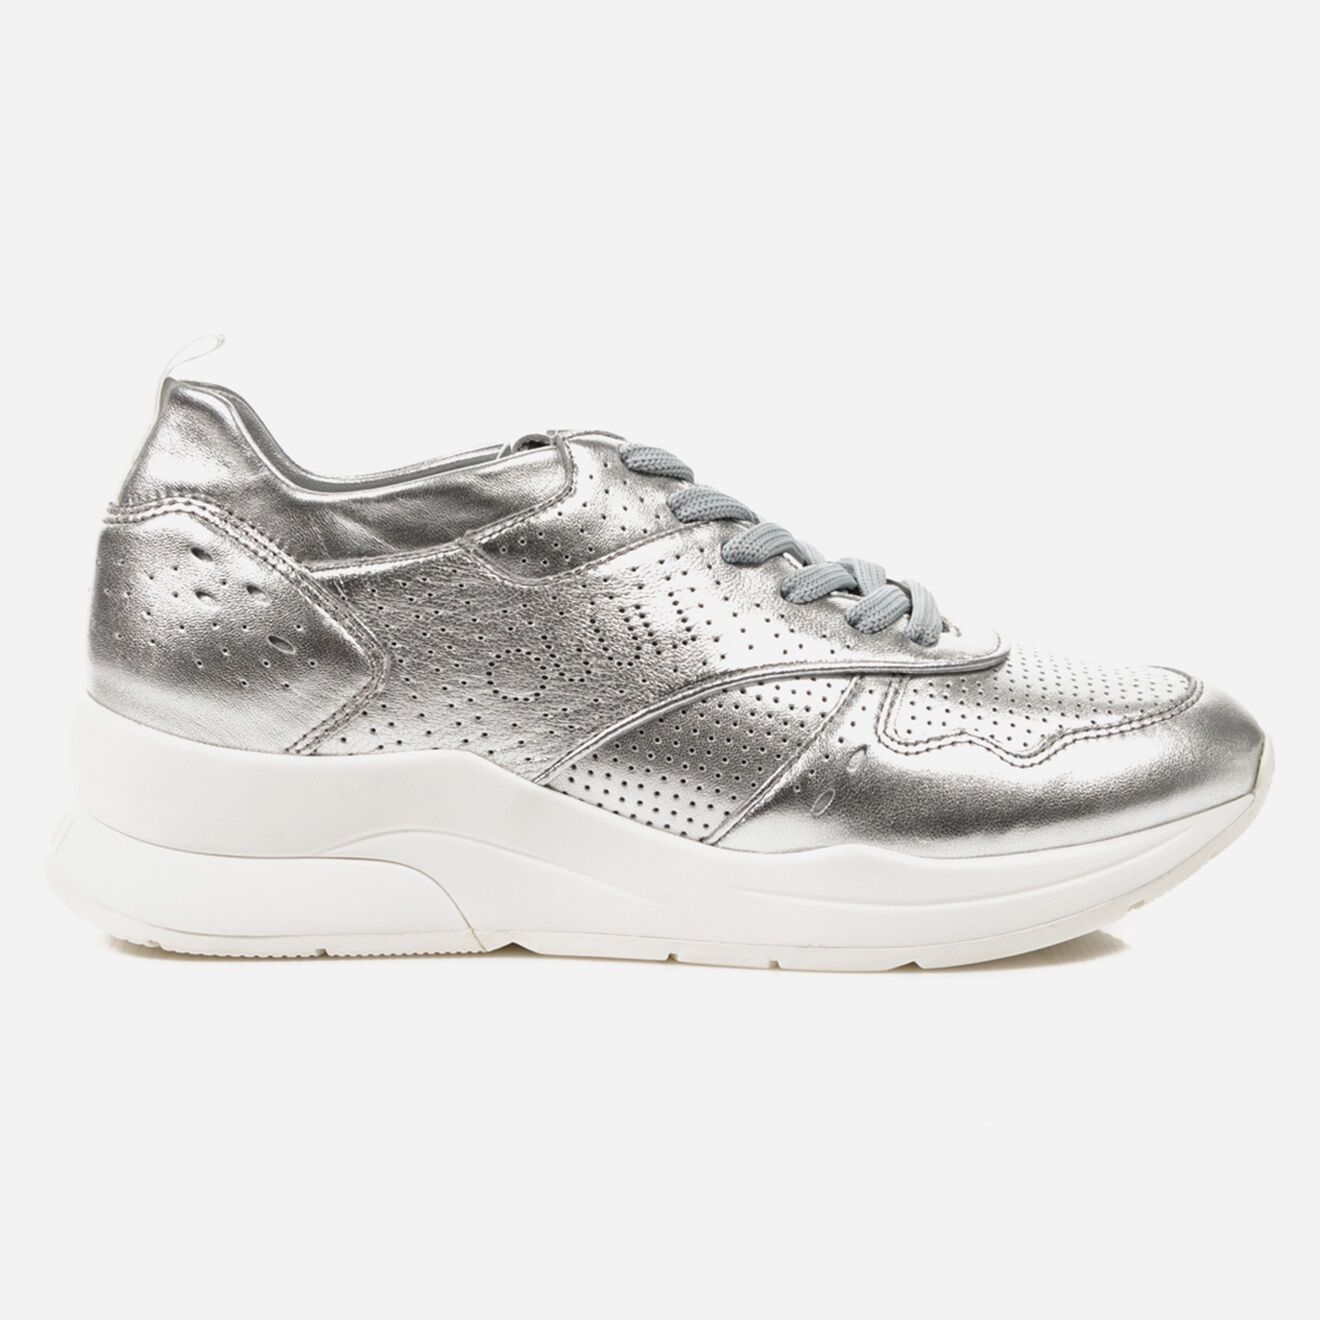 Sneakers en Cuir Karlie argentées - Liu-Jo - Modalova